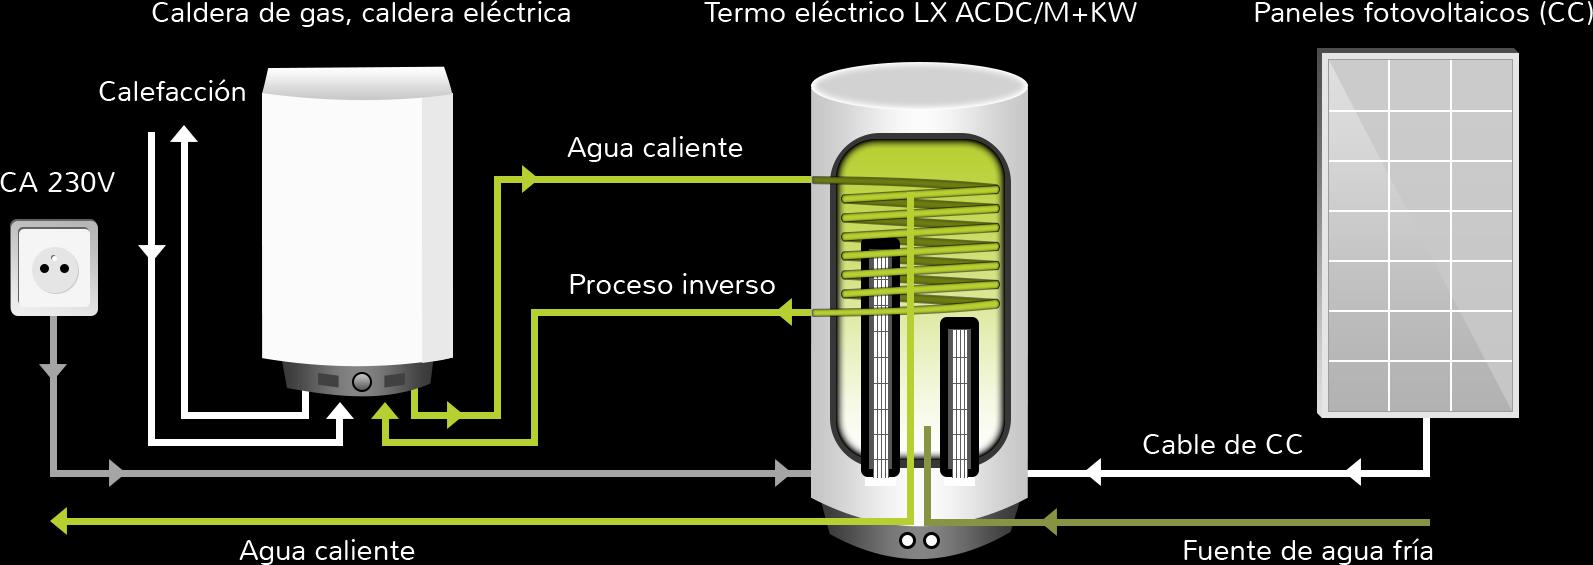 Calentamiento de agua termos el ctricos h bridos - Calefaccion de gas o electrica ...